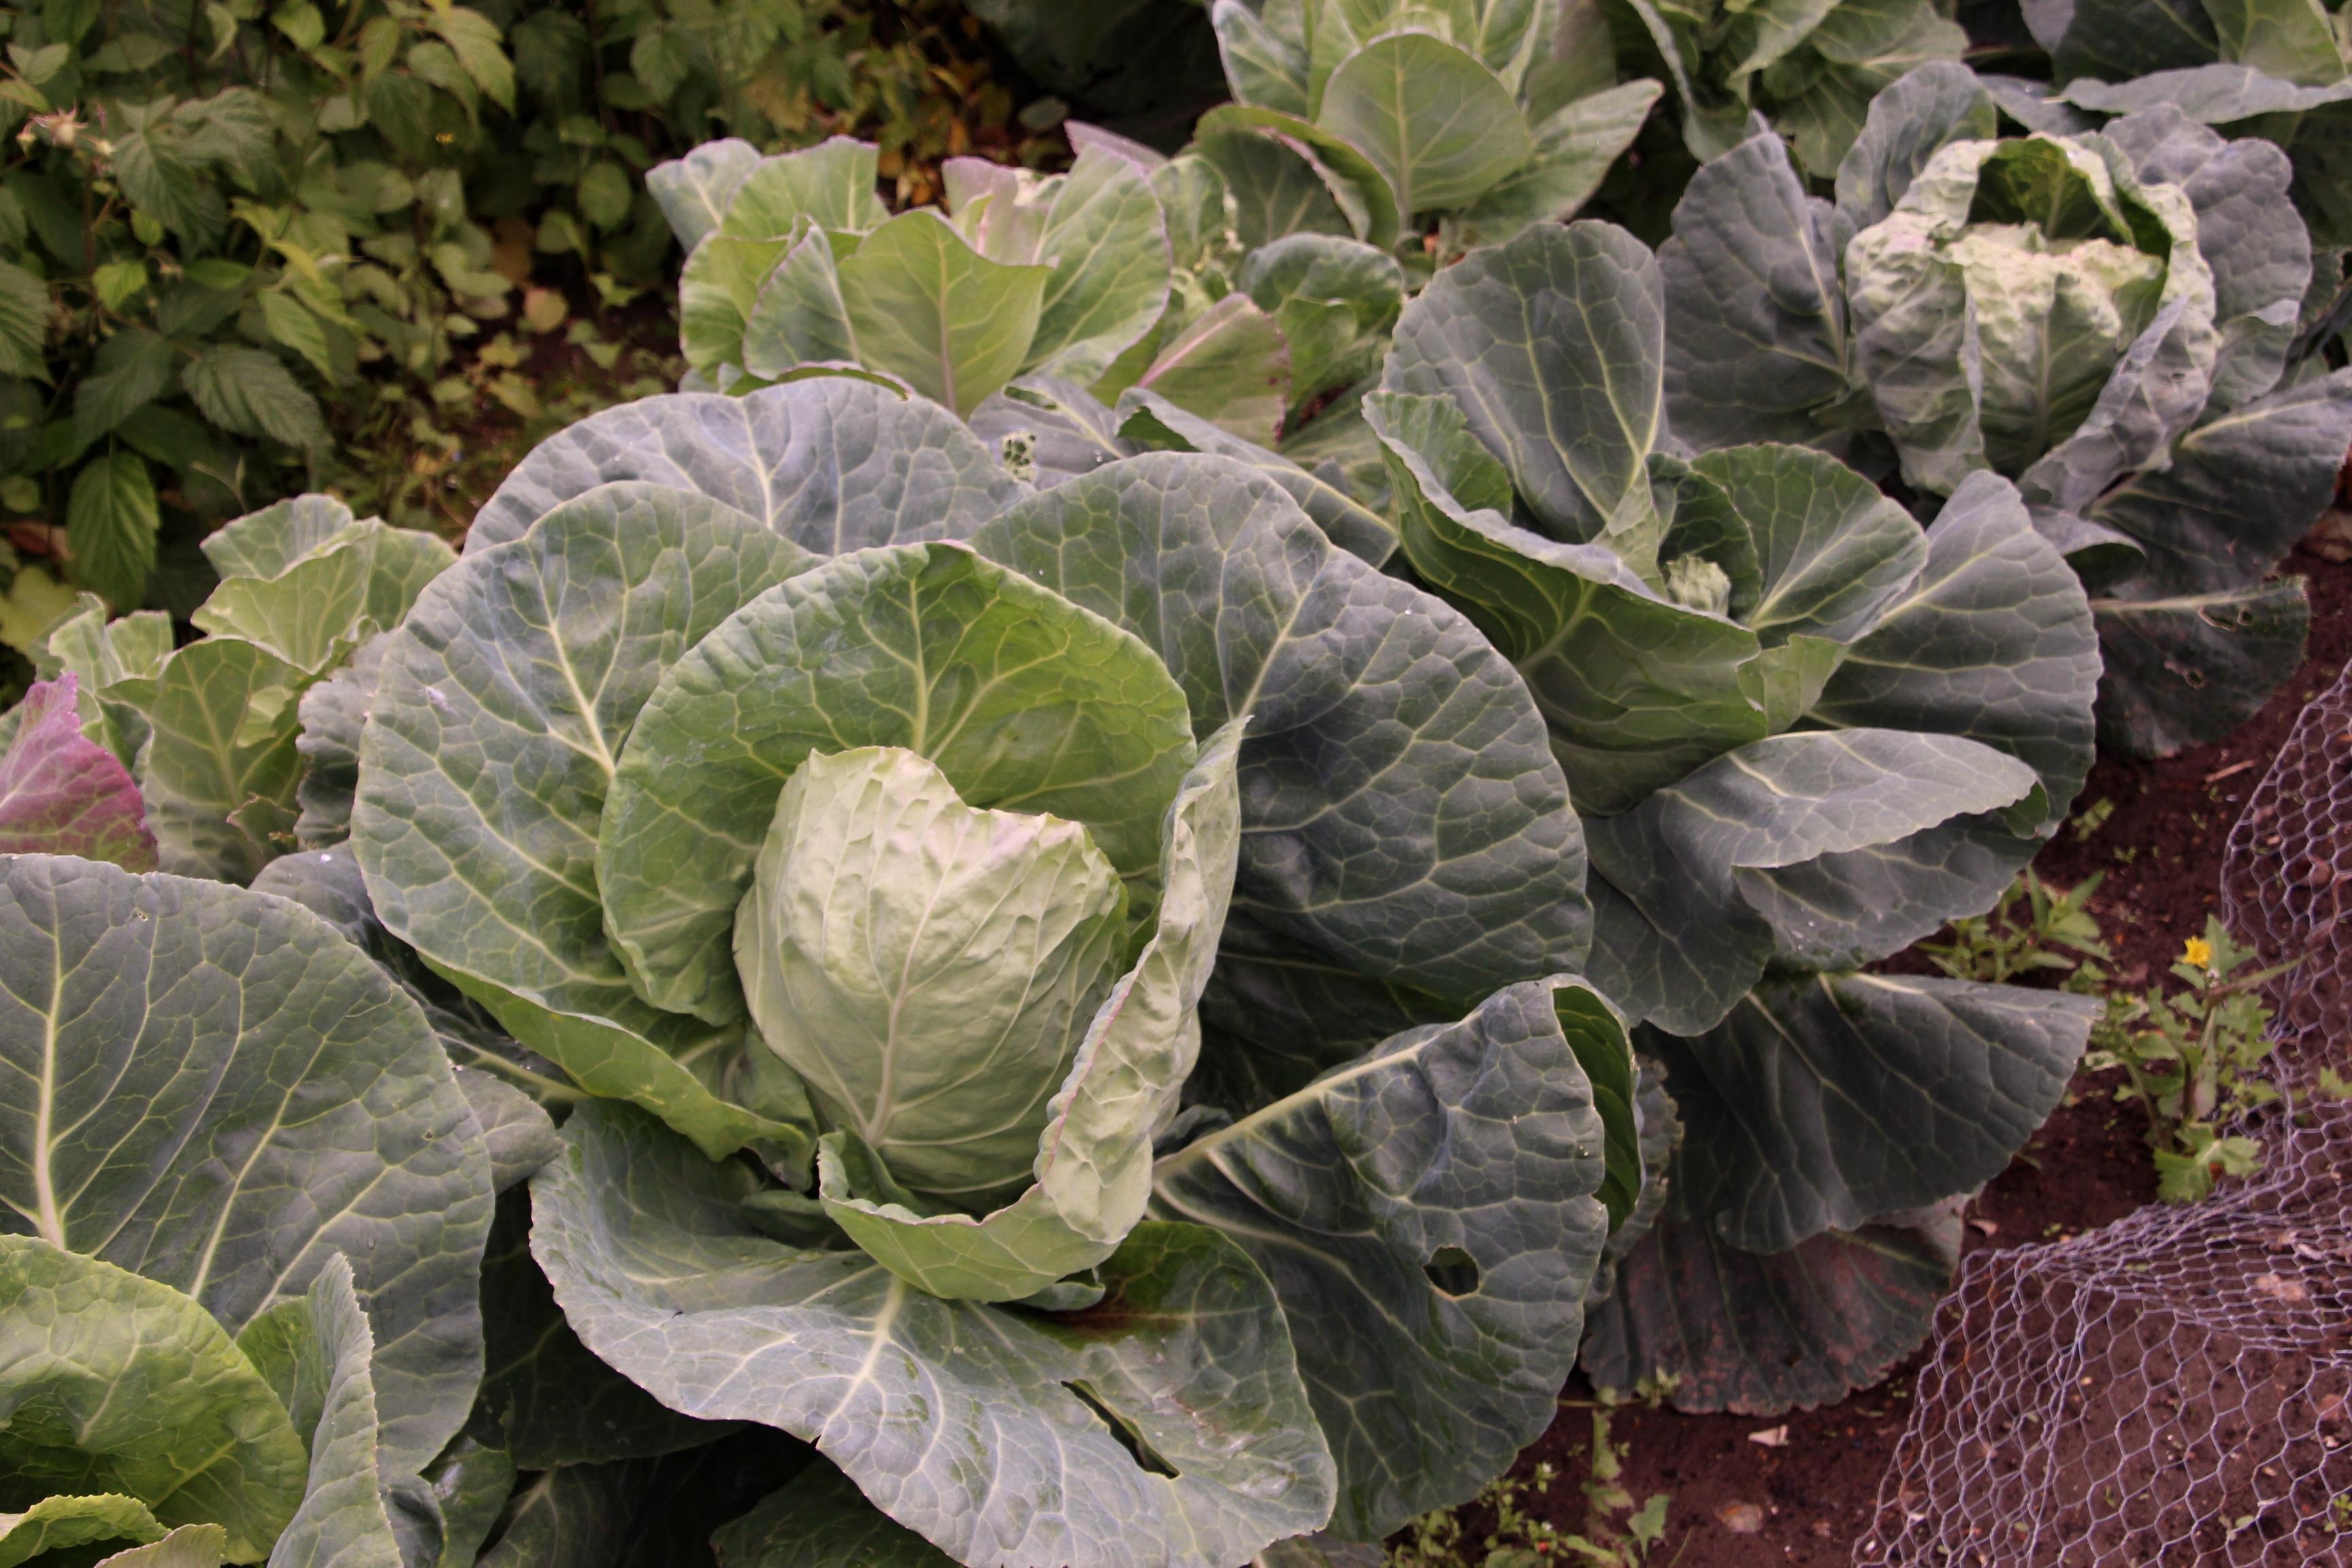 Festive season leftovers? – Reducing food waste in 2020